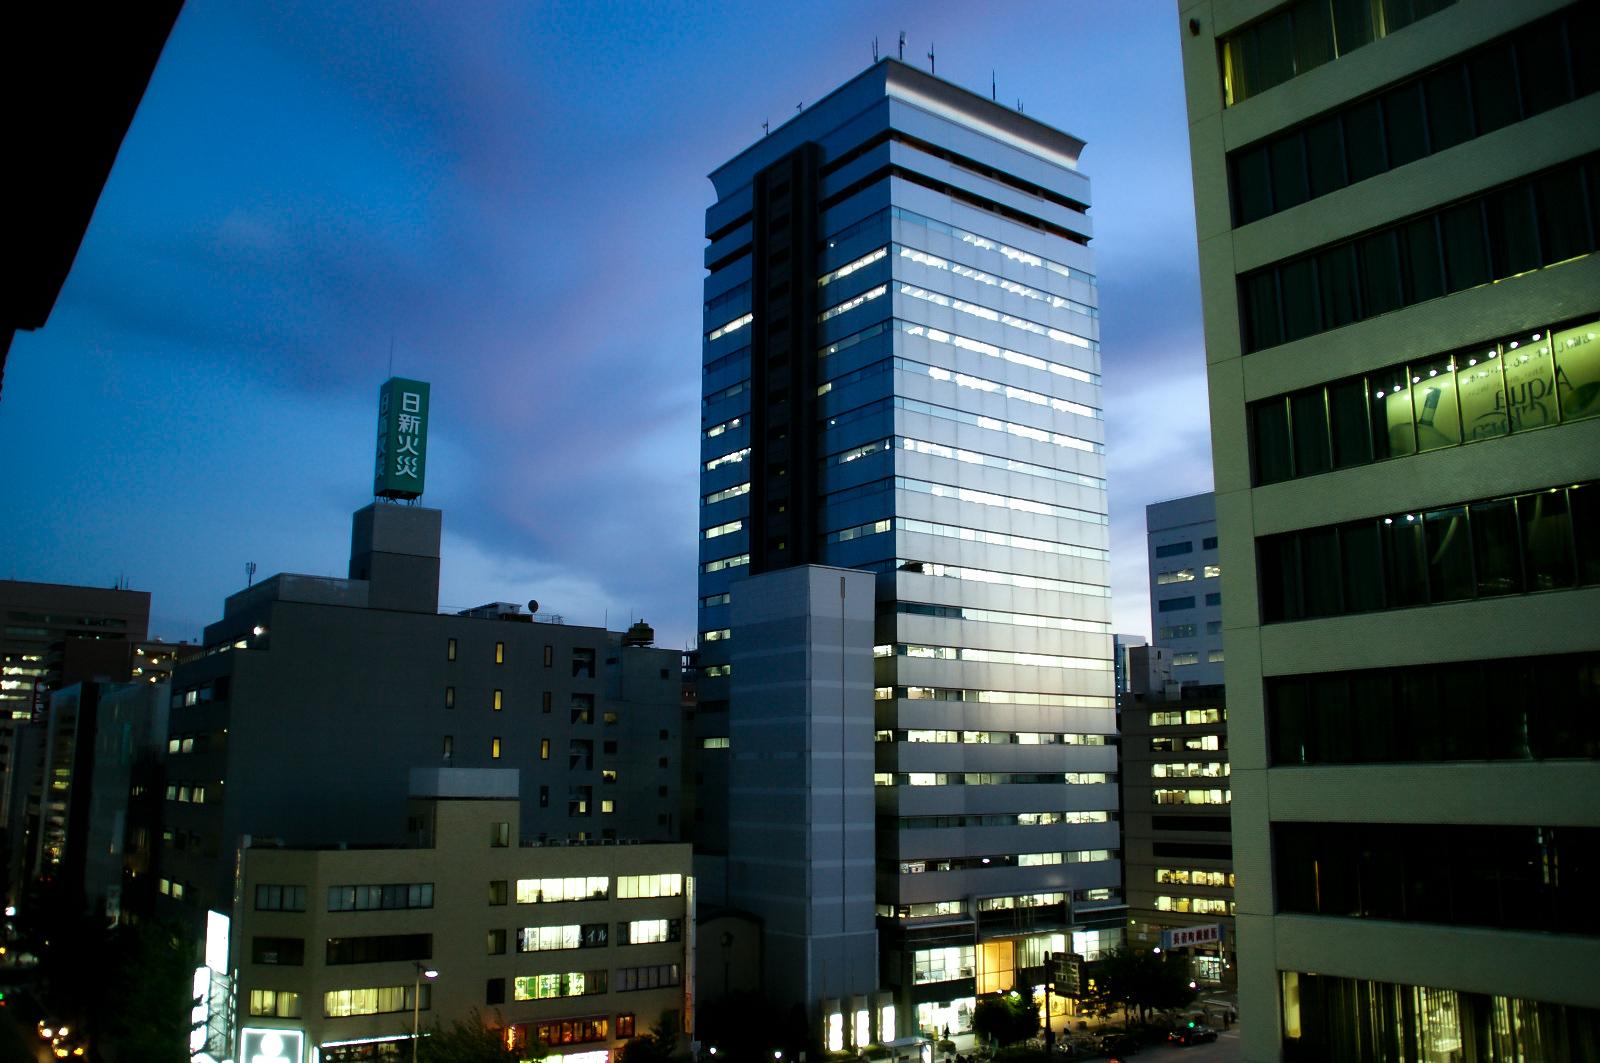 徐々に夜を迎える夕暮れのオフィスビル